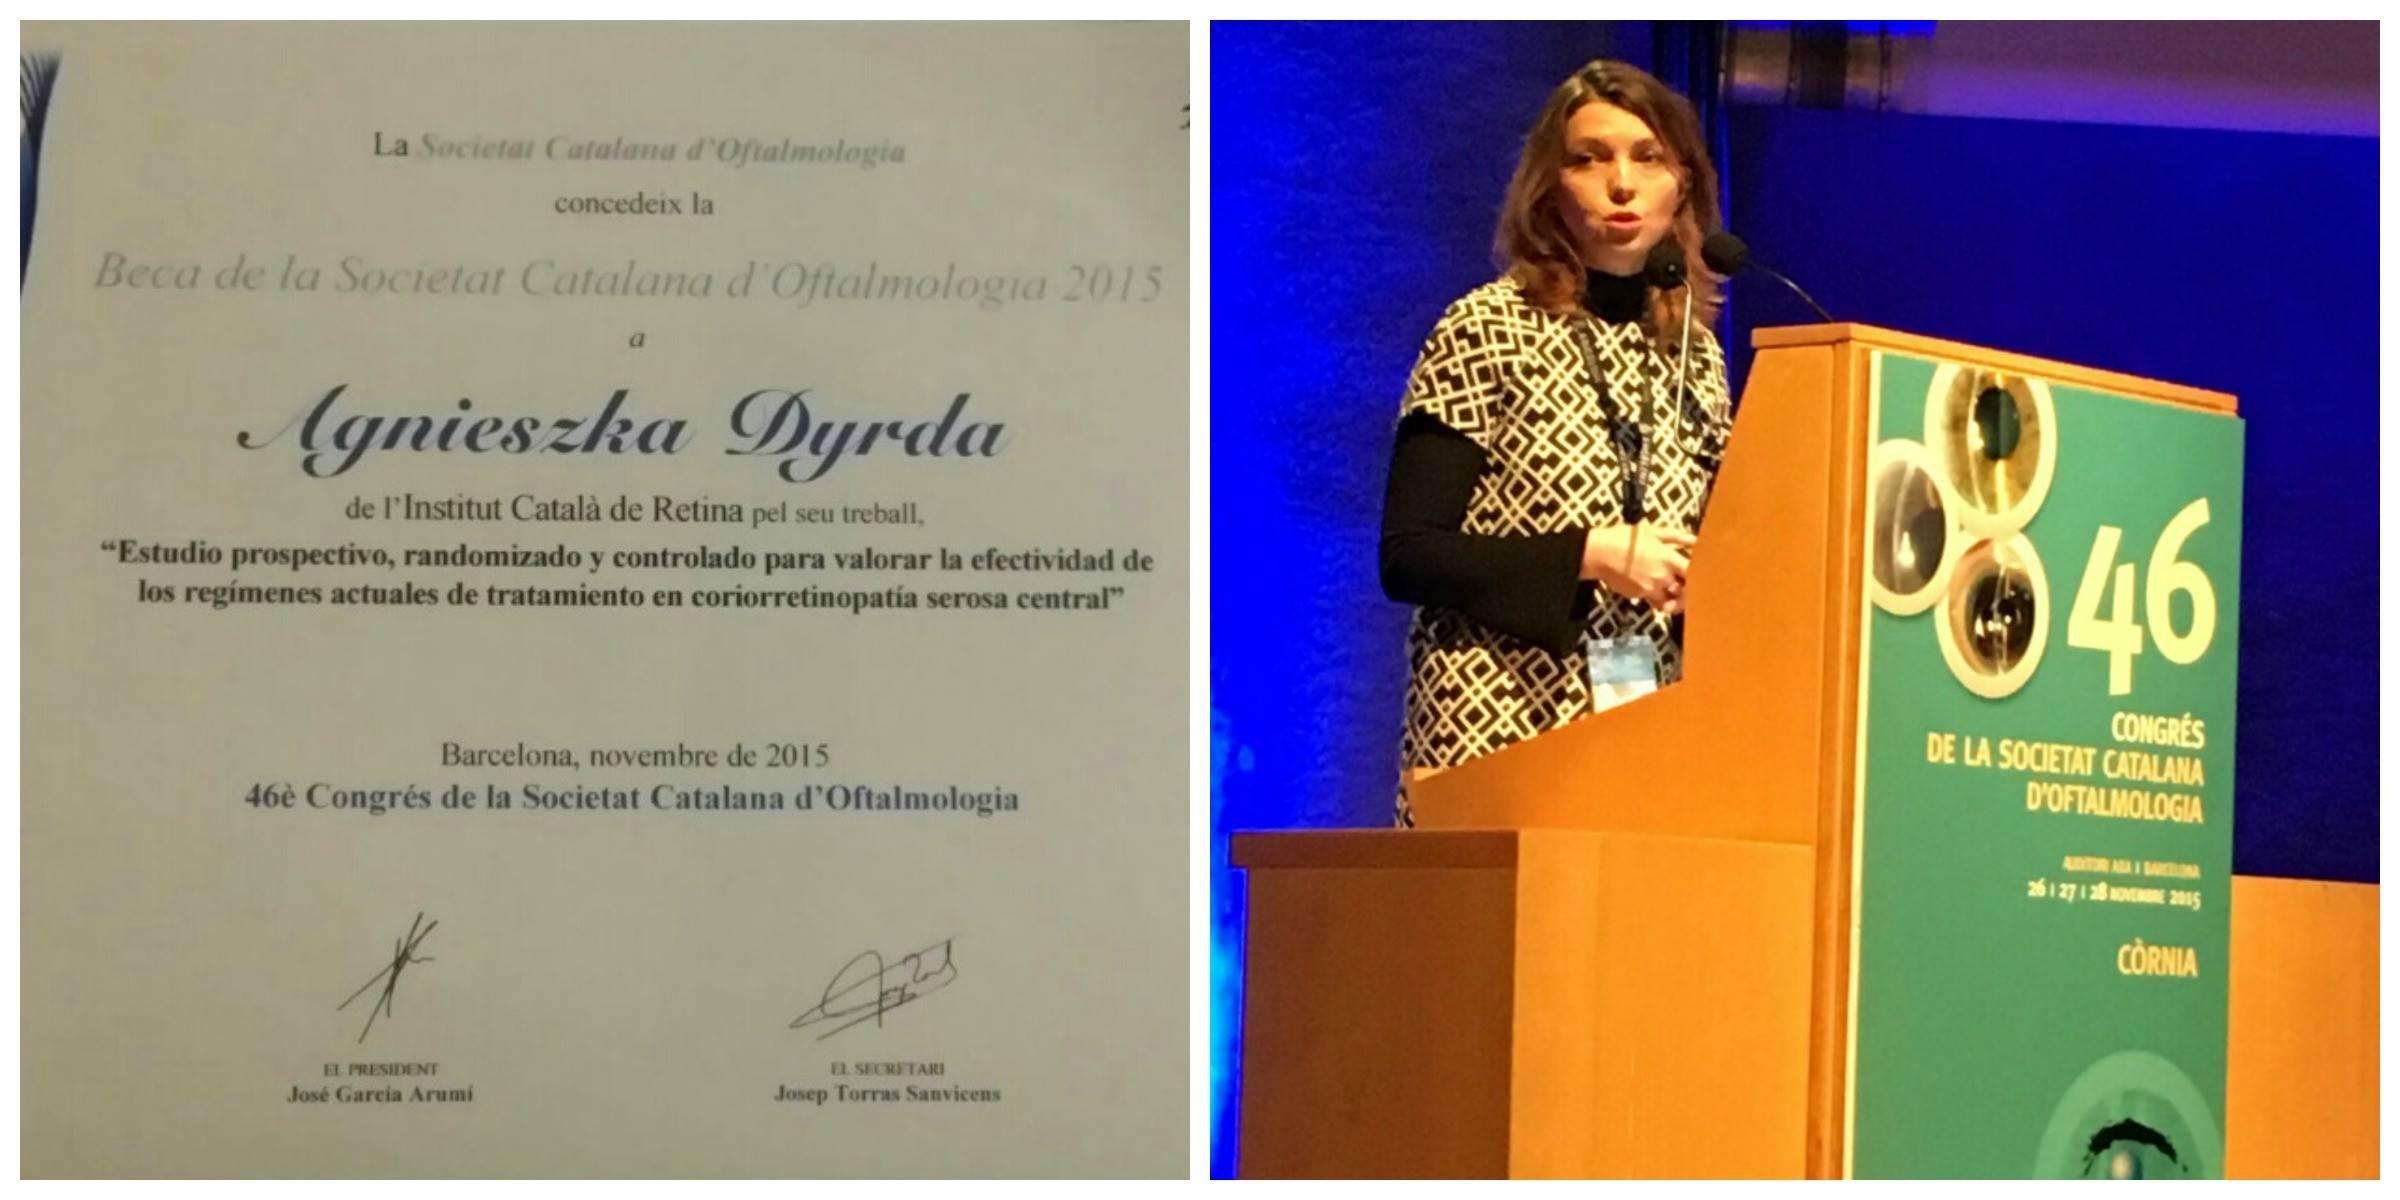 La Dra. Dyrda gana la Beca de la Societat Catalana de Oftalmologia al mejor trabajo de investigación